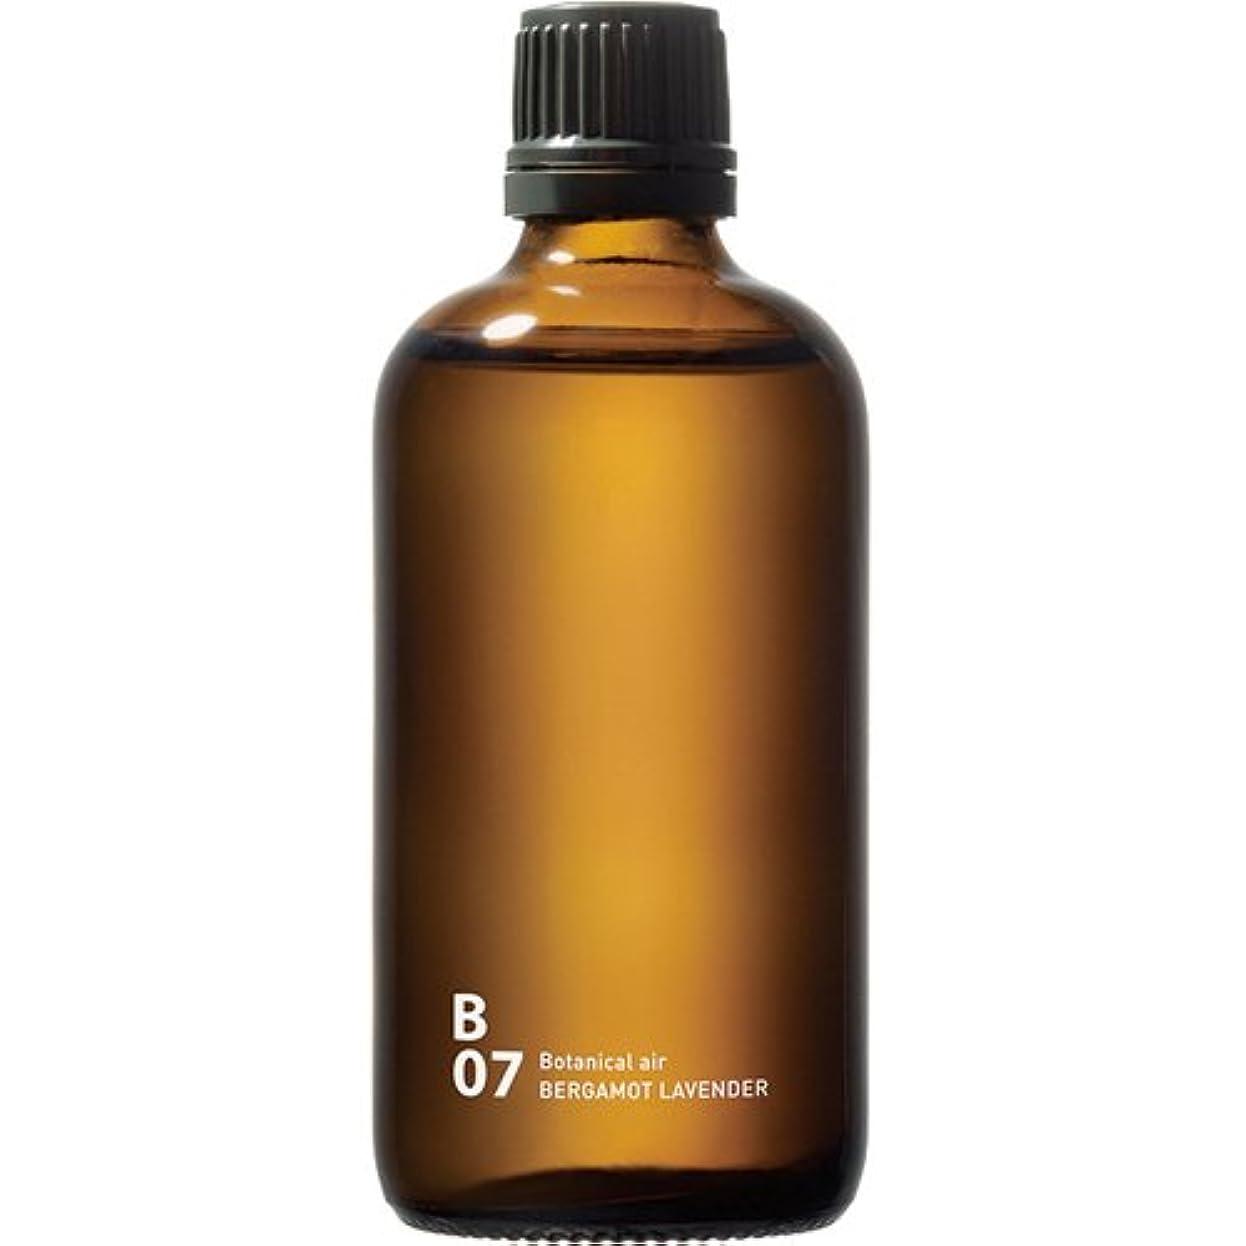 盆地自分軽減するB07 BERGAMOT LAVENDER piezo aroma oil 100ml